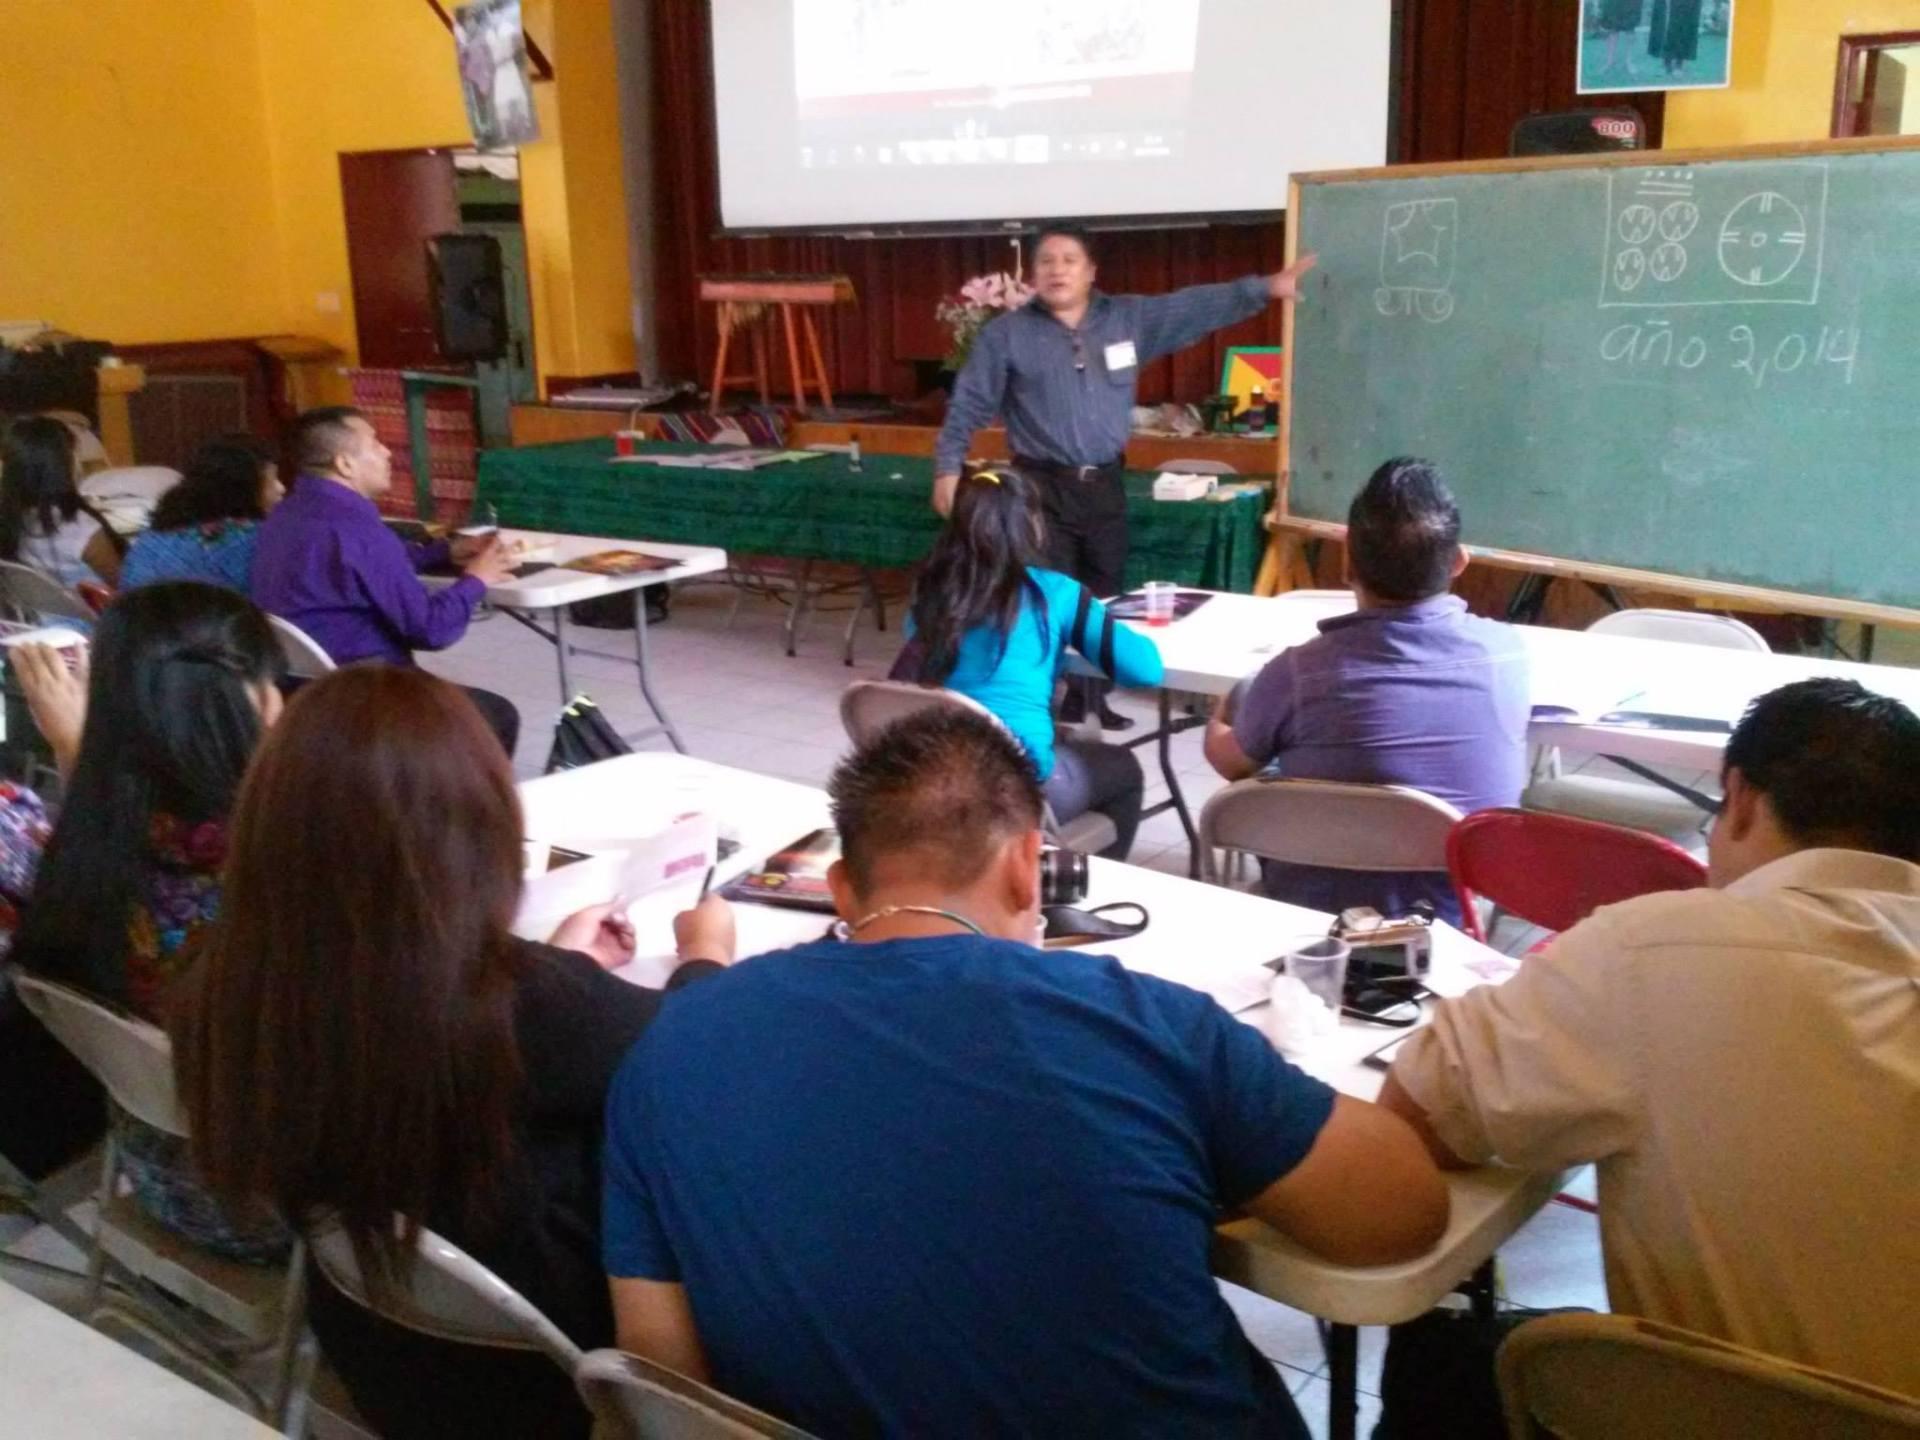 El Licenciado José Luis Tiguila Coj compartió conocimientos sobre numerología, lectura de códices y Cosmovisión Maya. Fotografía: La Voz